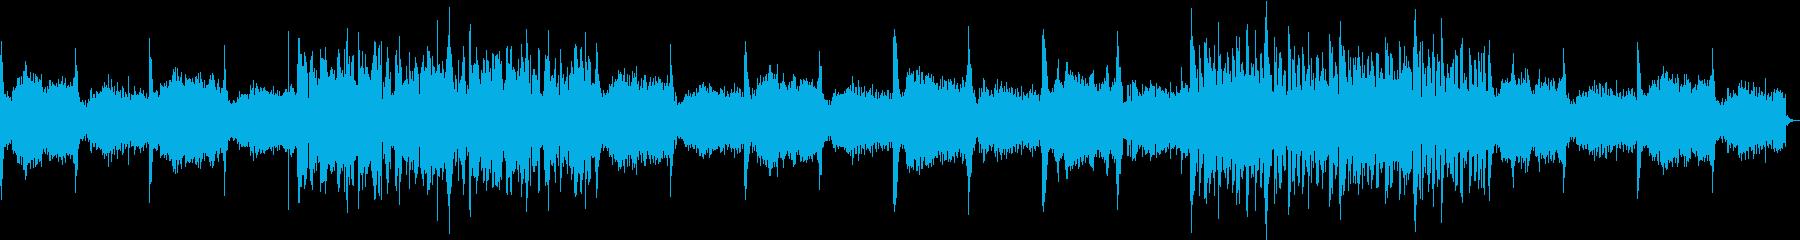 幻想的なエンディングの再生済みの波形